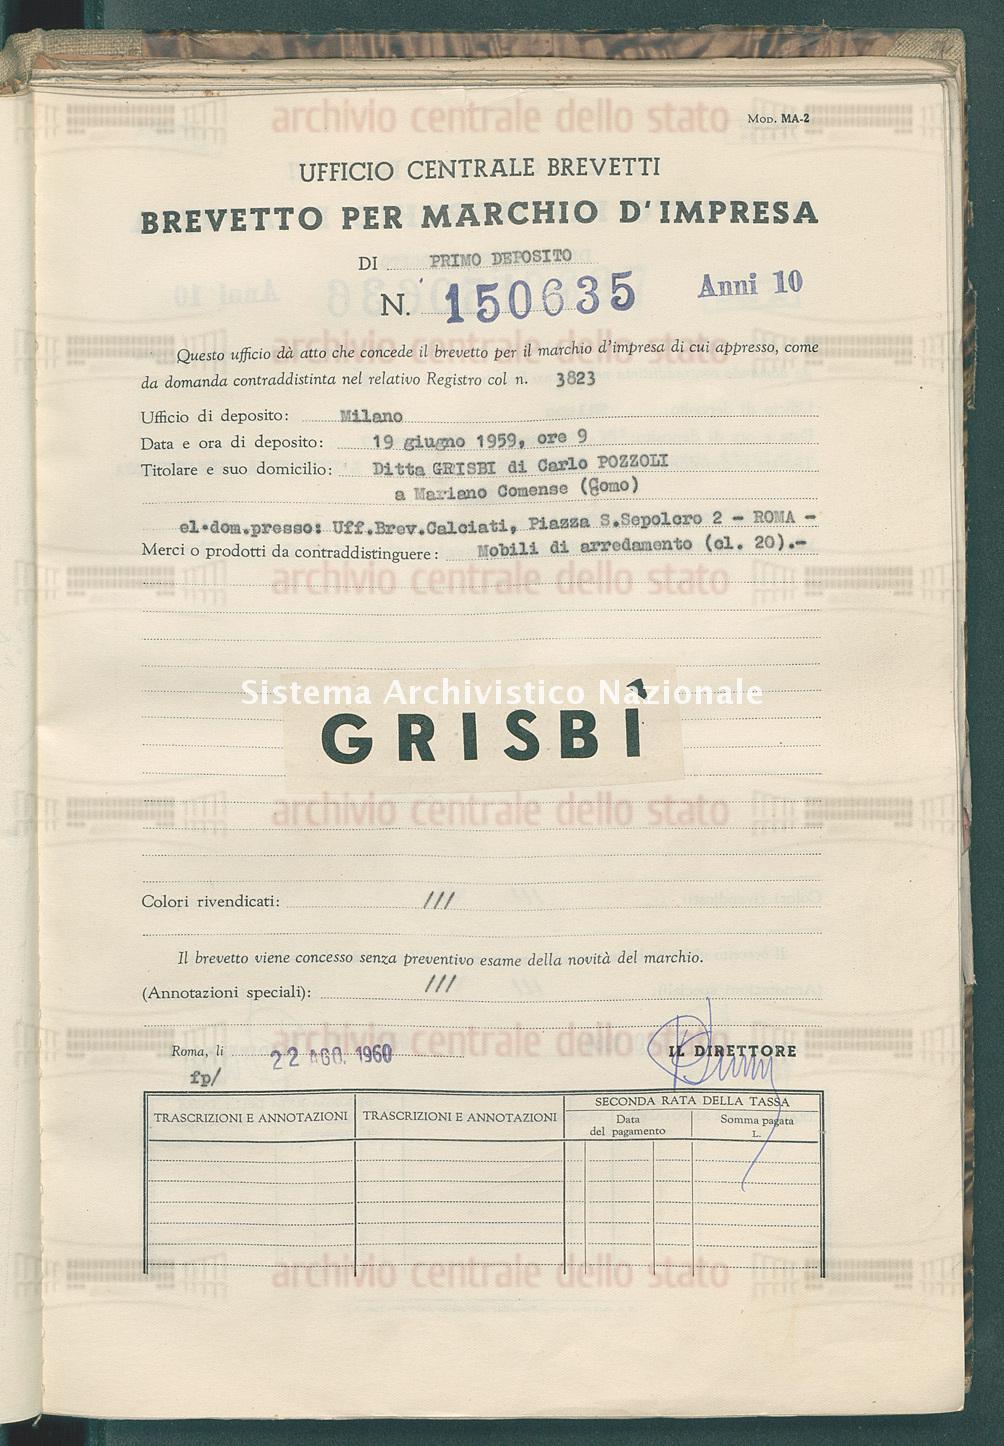 Mobili di arredamento Ditta Grisbi Di Carlo Pozzoli (22/08/1960)